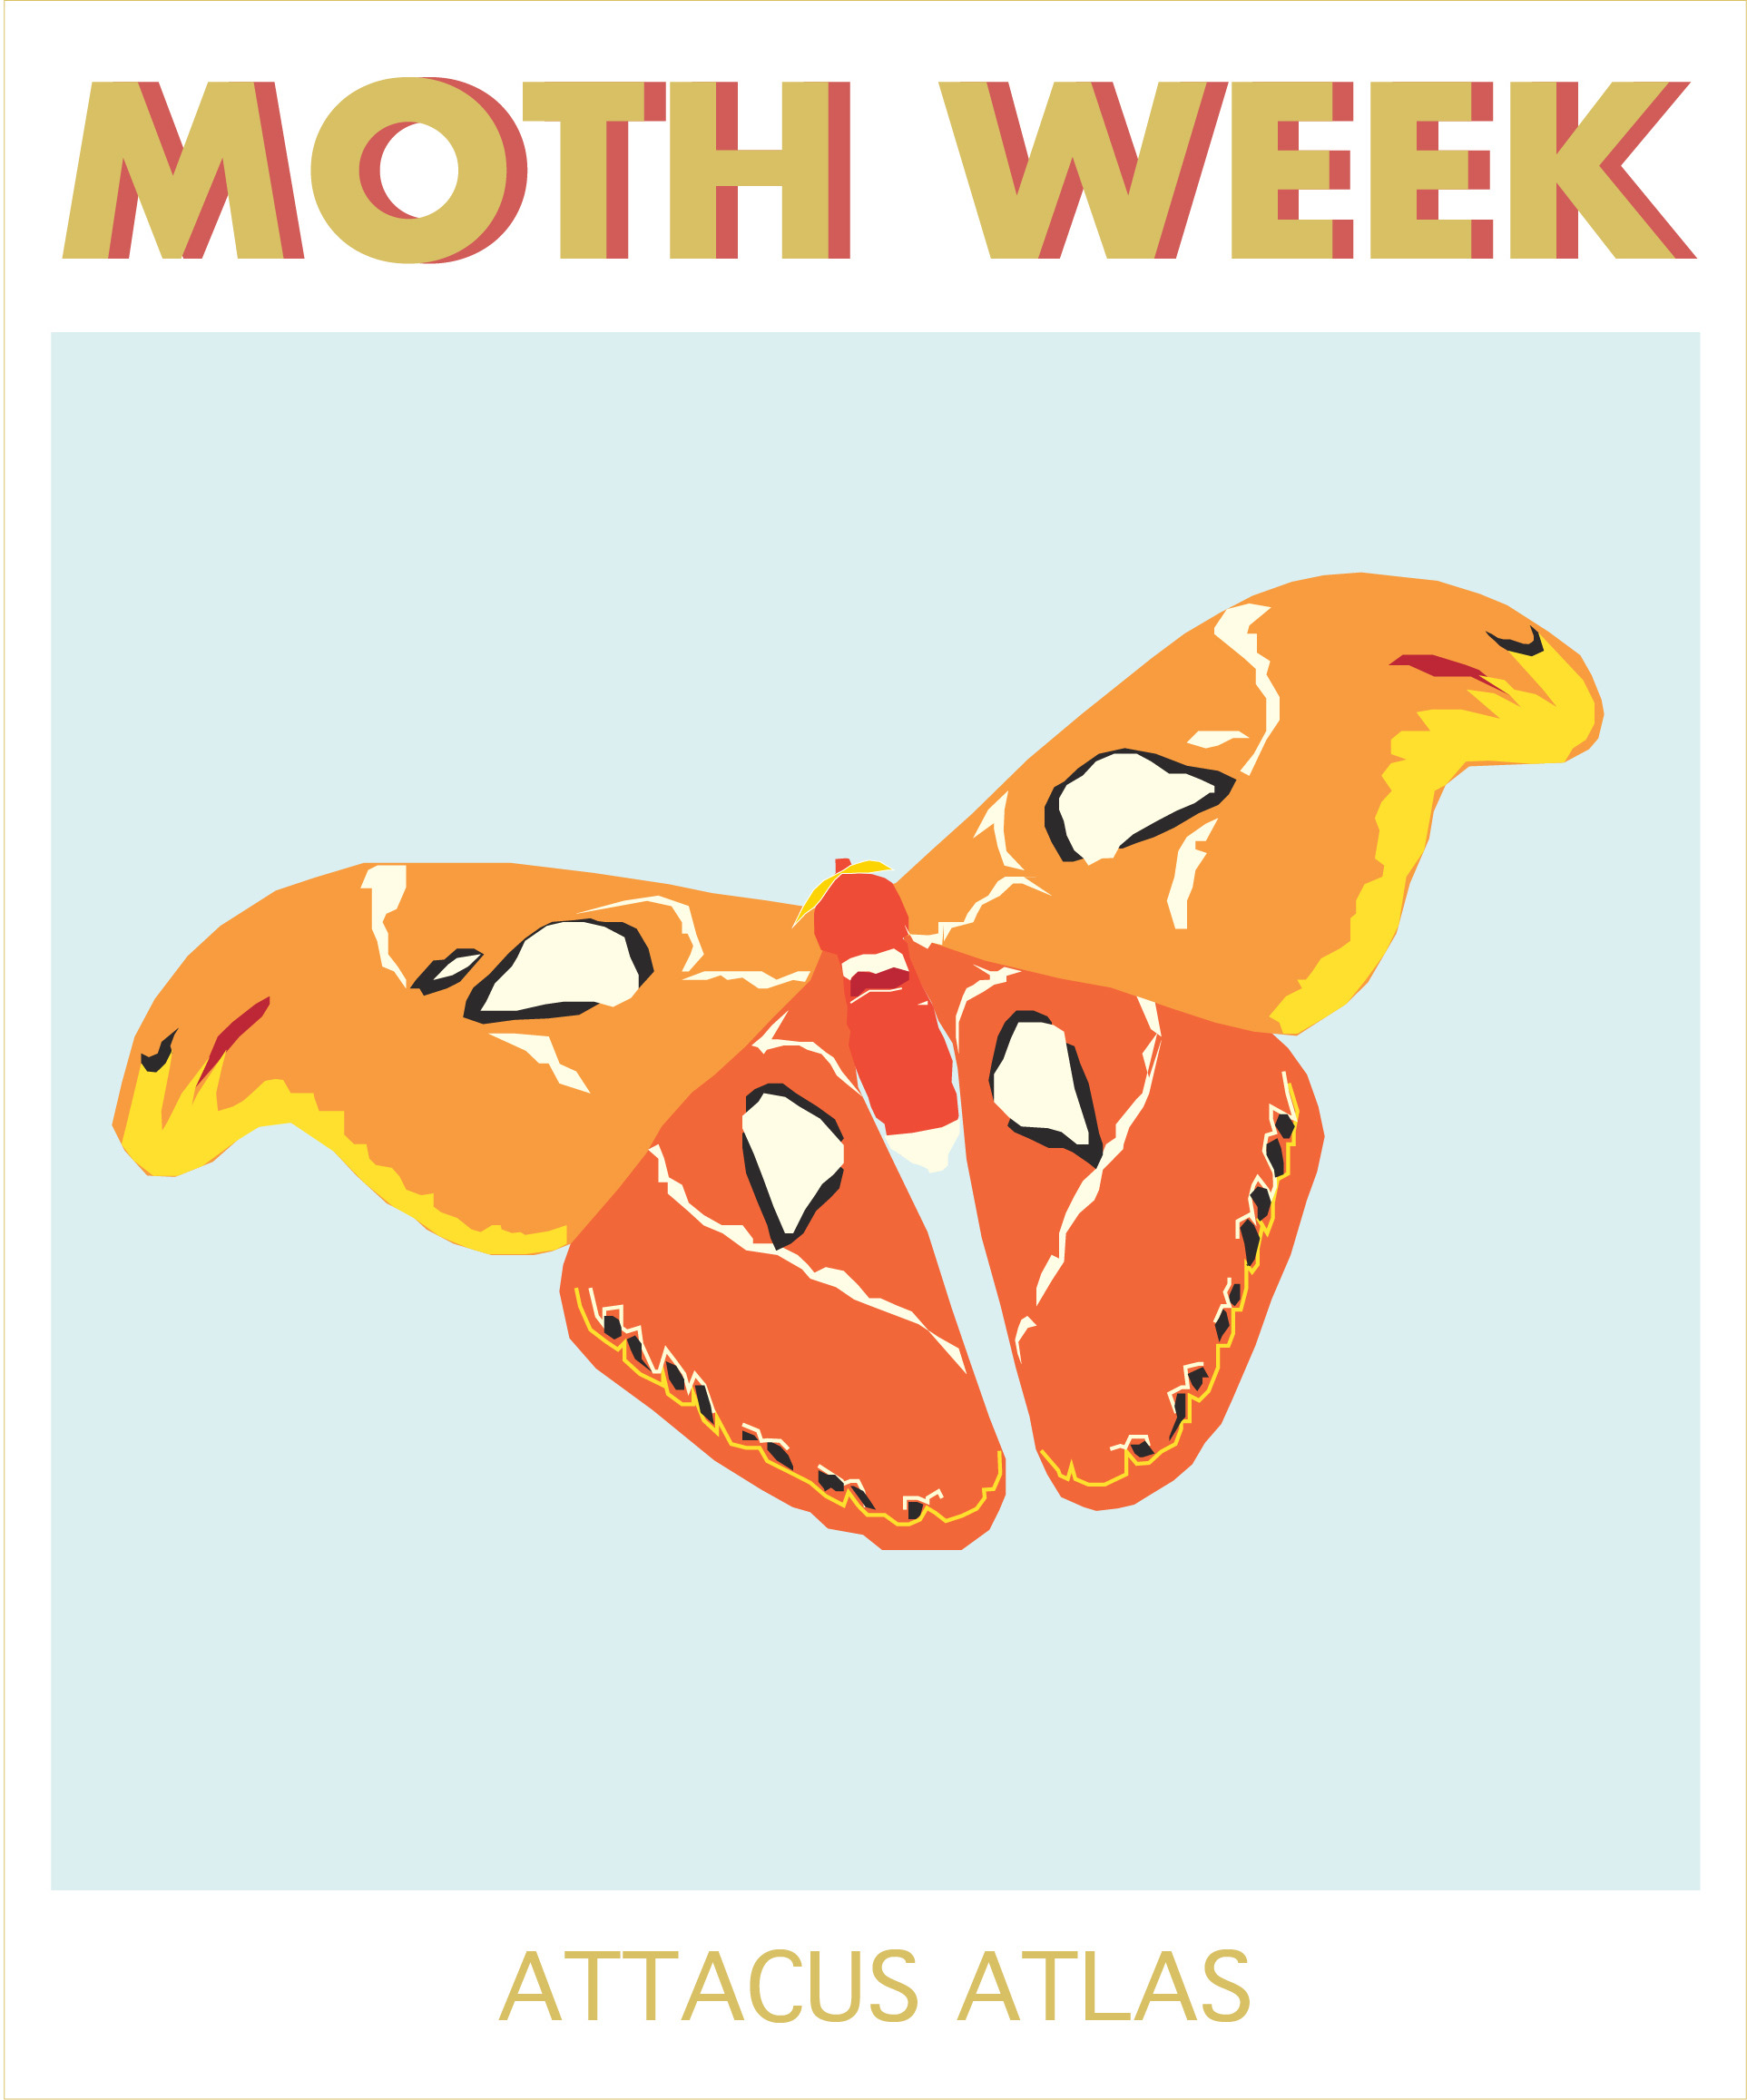 moth week atlas.jpg